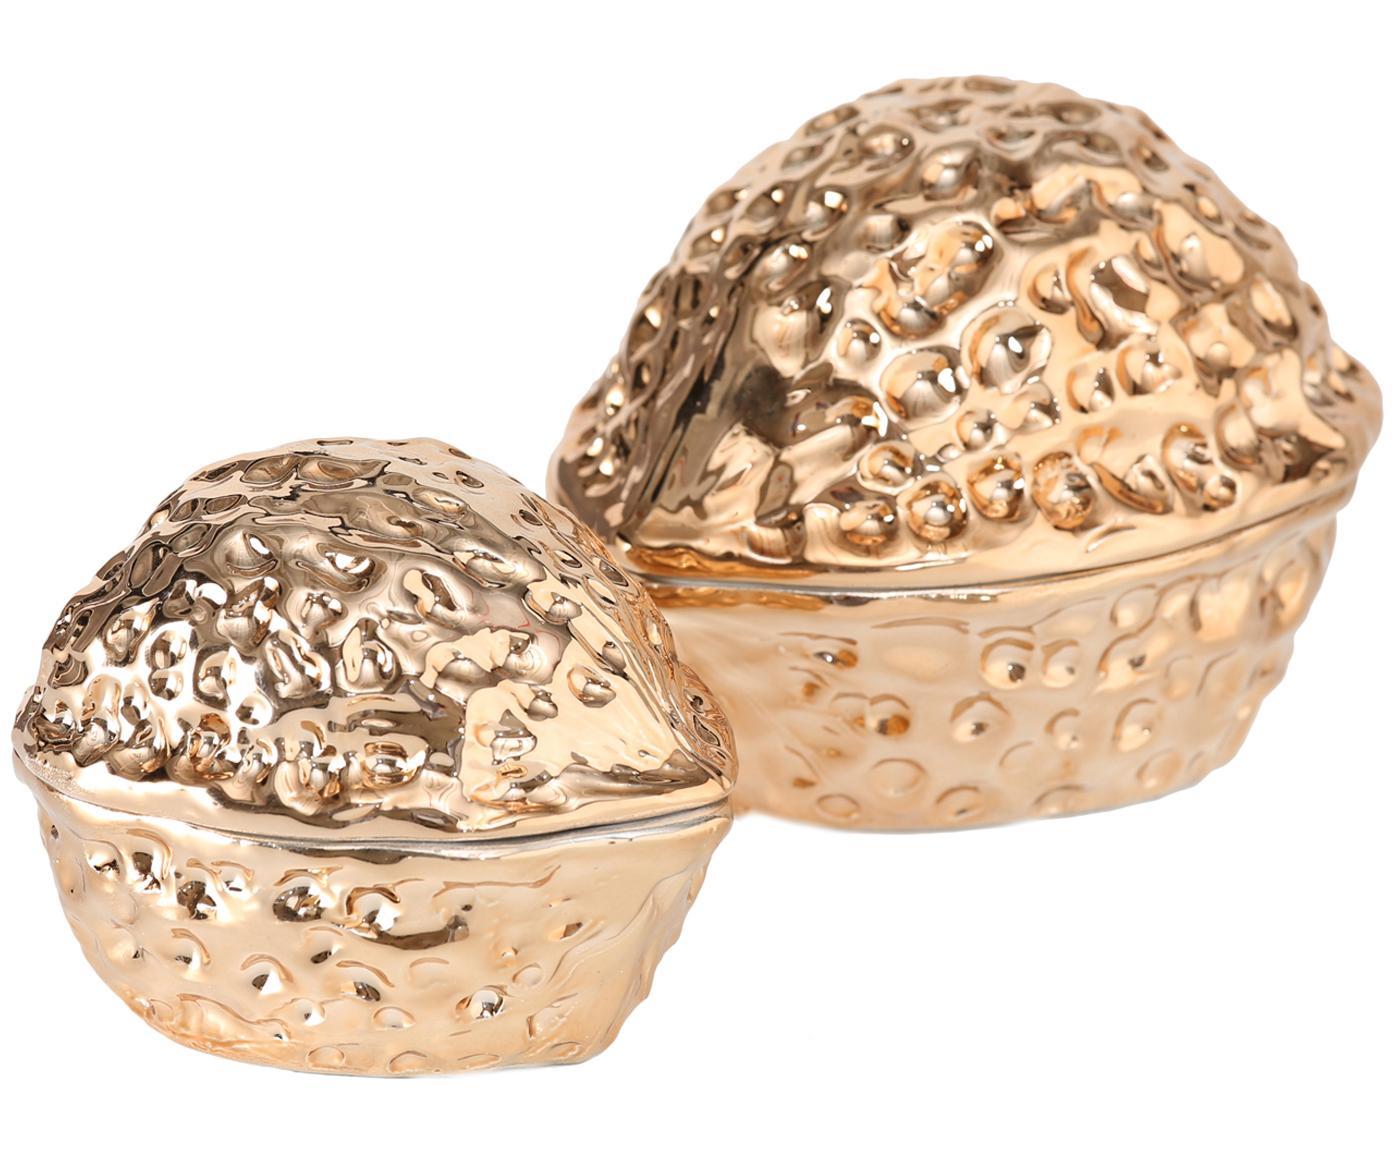 Aufbewahrungsdosen-Set Walnut, 2-tlg., Porzellan, goldfarben, Verschiedene Grössen